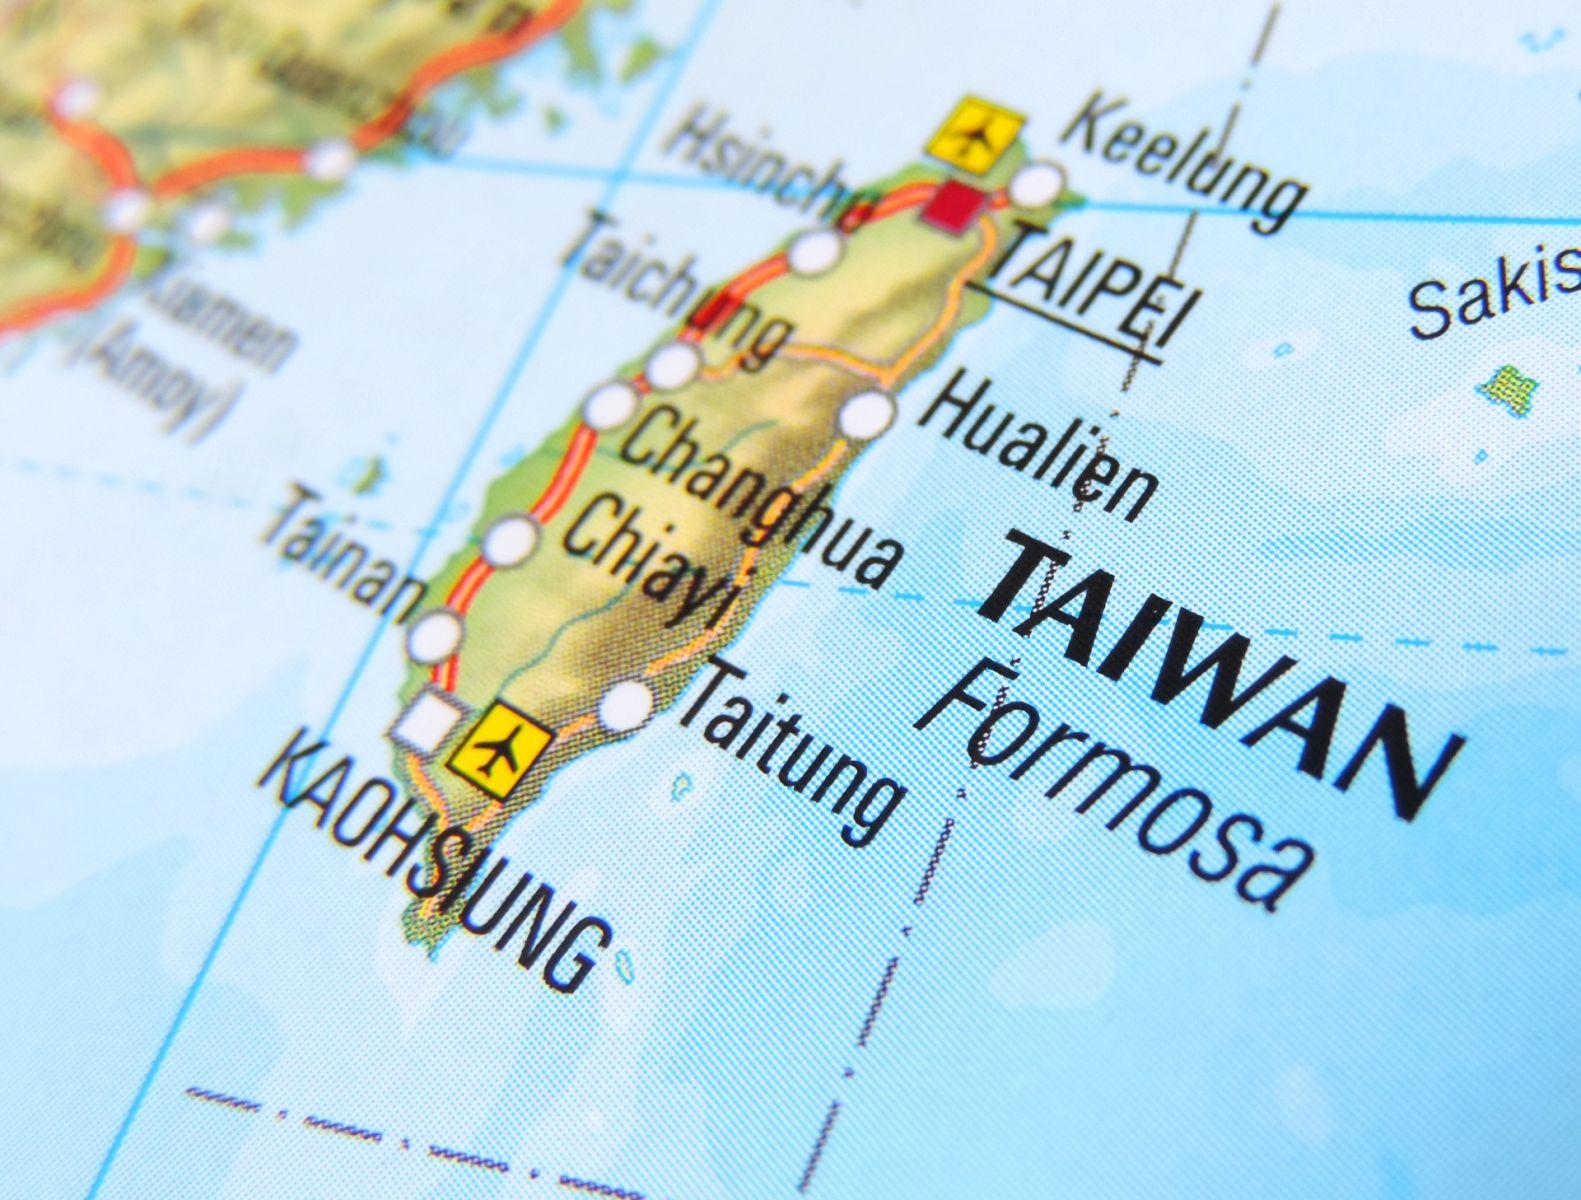 還在爭「一個中國的代表權」?他點出台灣外交的矛盾